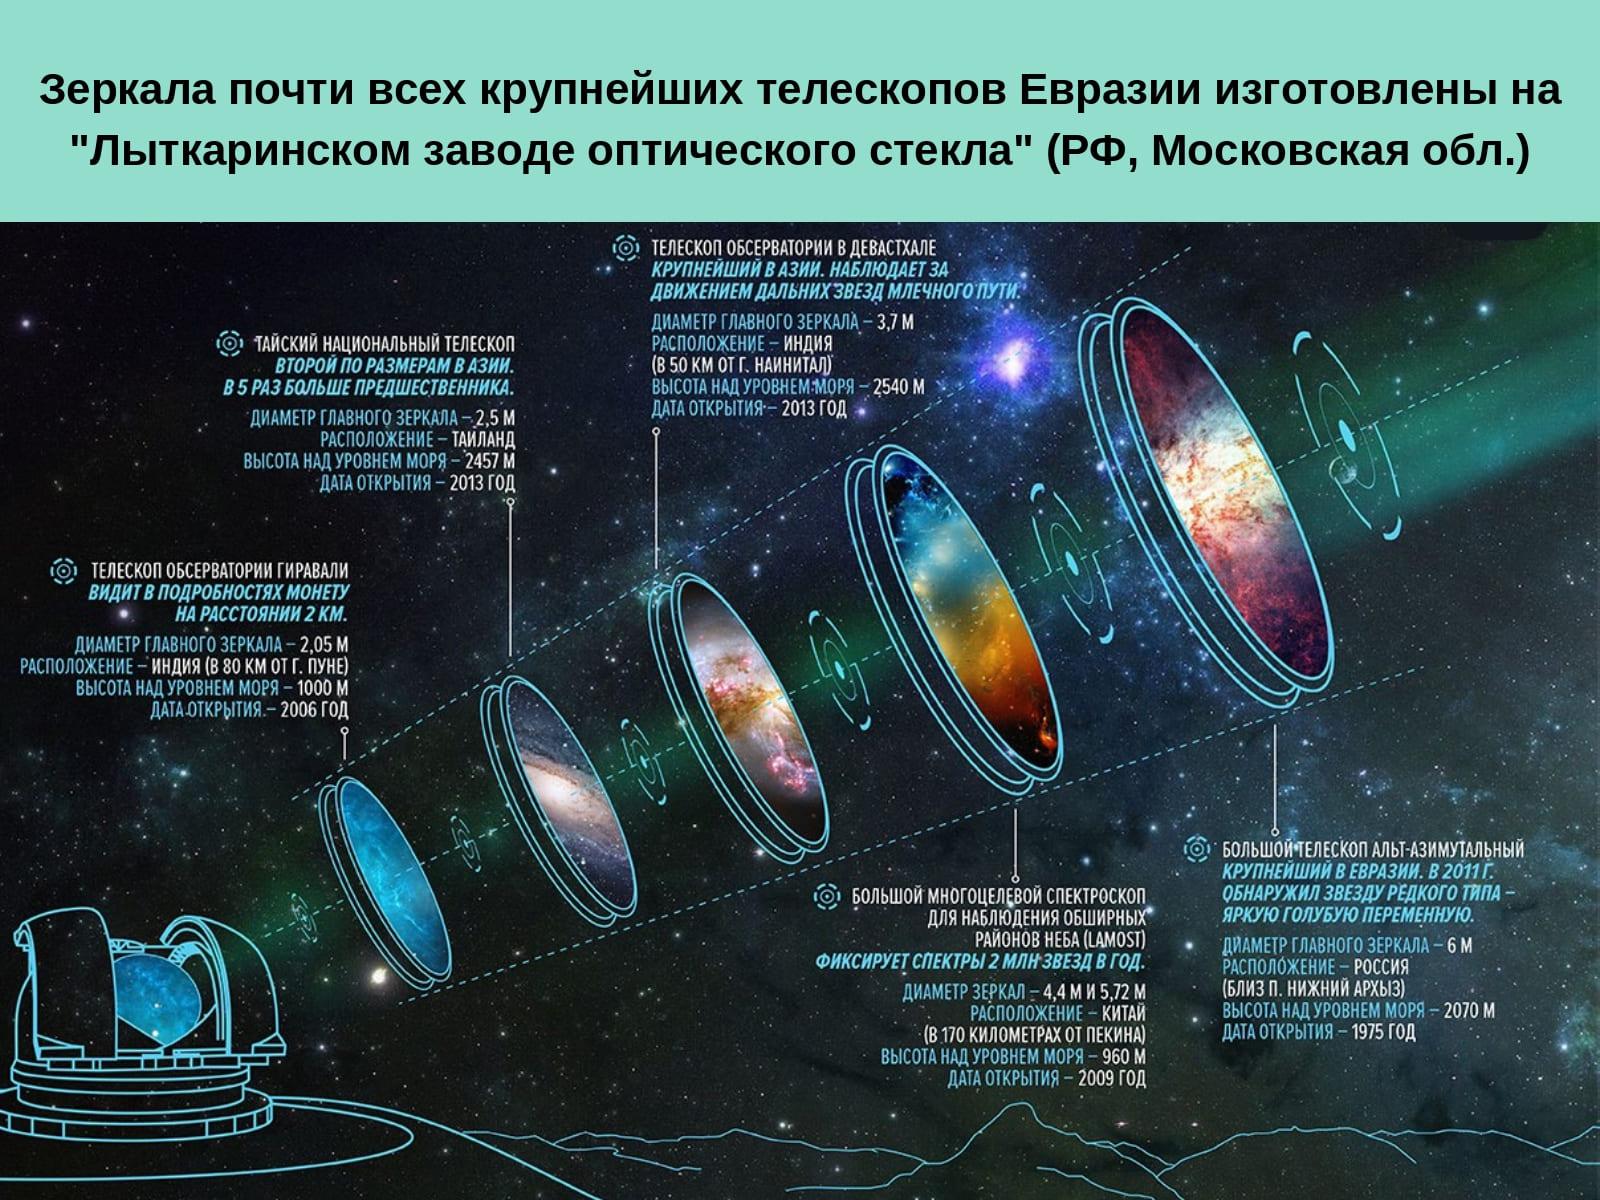 зеркала почти всех телескопов